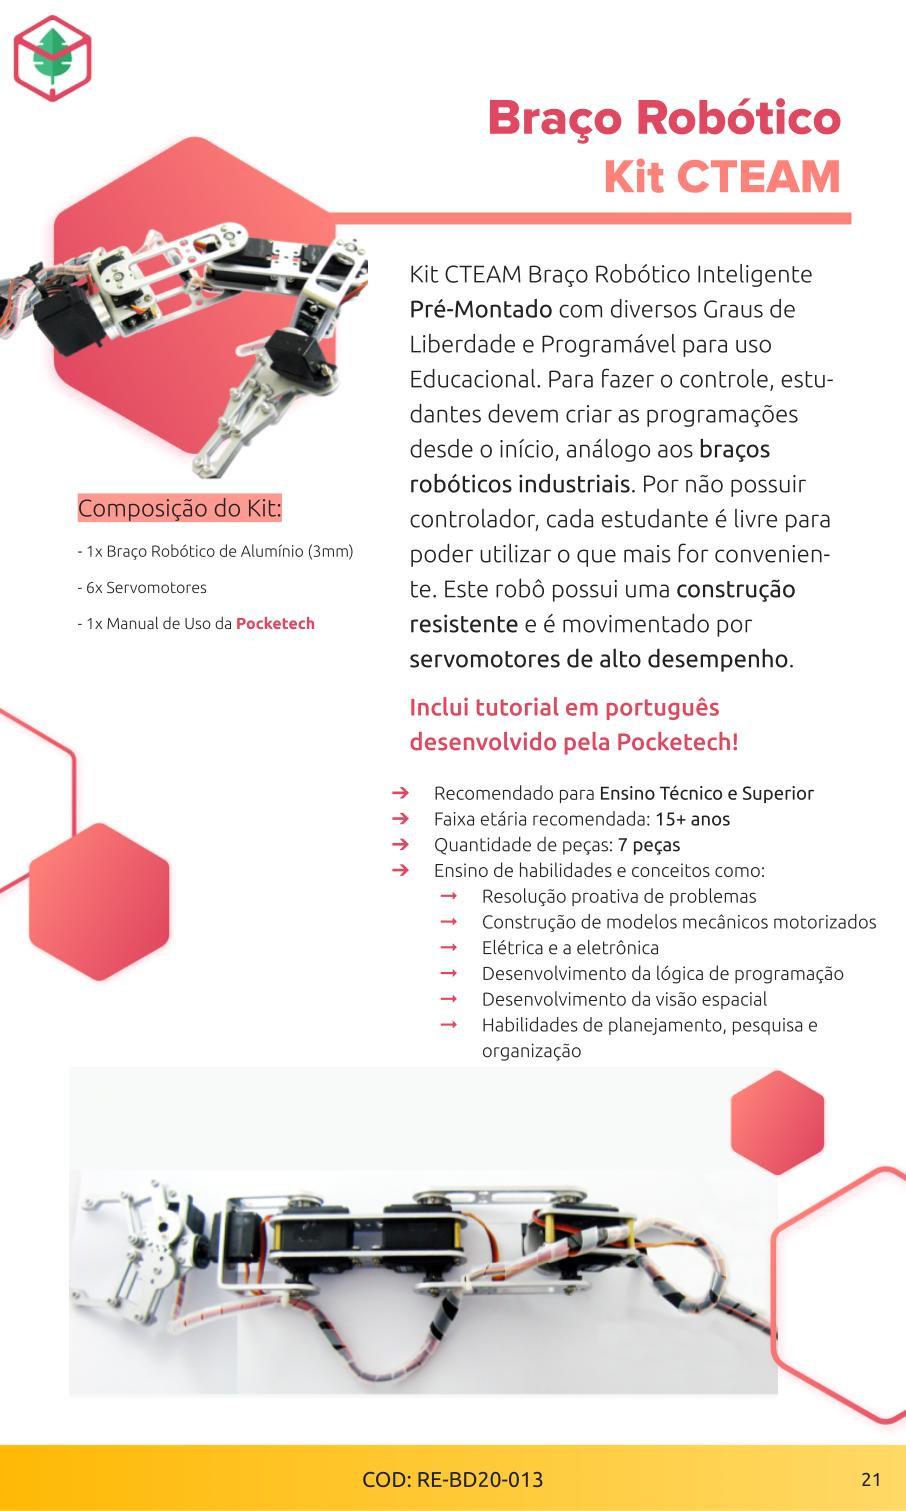 [RE-BD20-013] BRAÇO ROBÓTICO.jpg